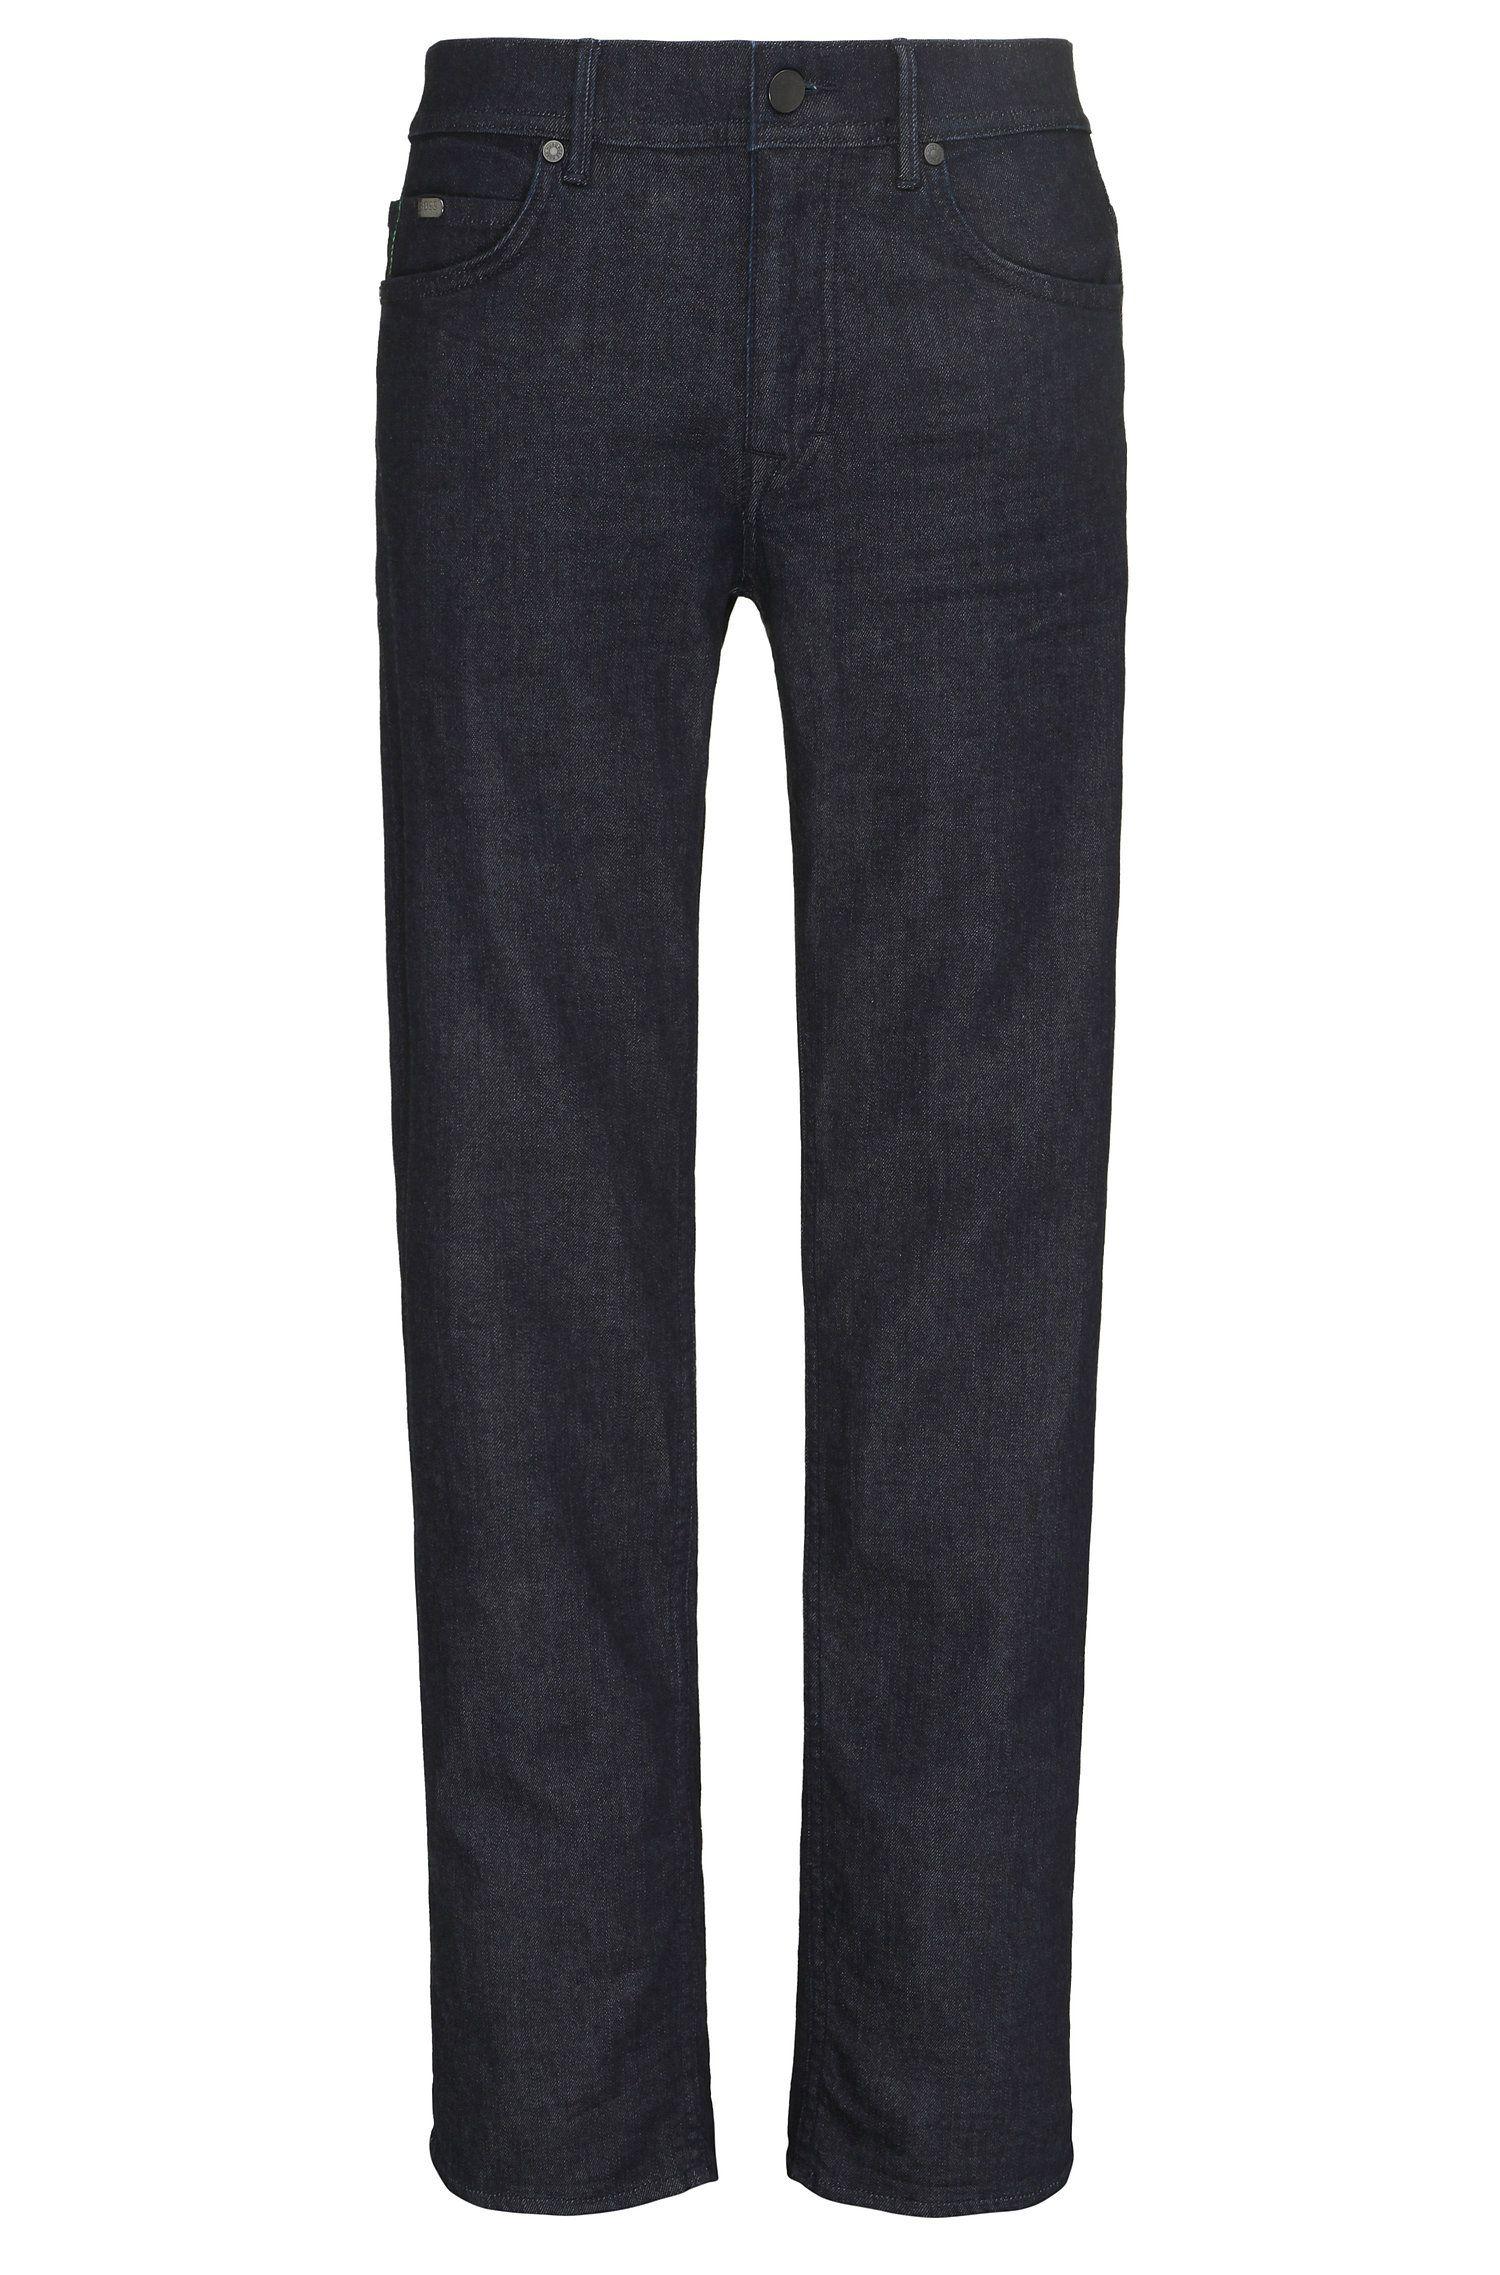 Jeans Regular Fit en coton mélangé extensible: «Deam30»